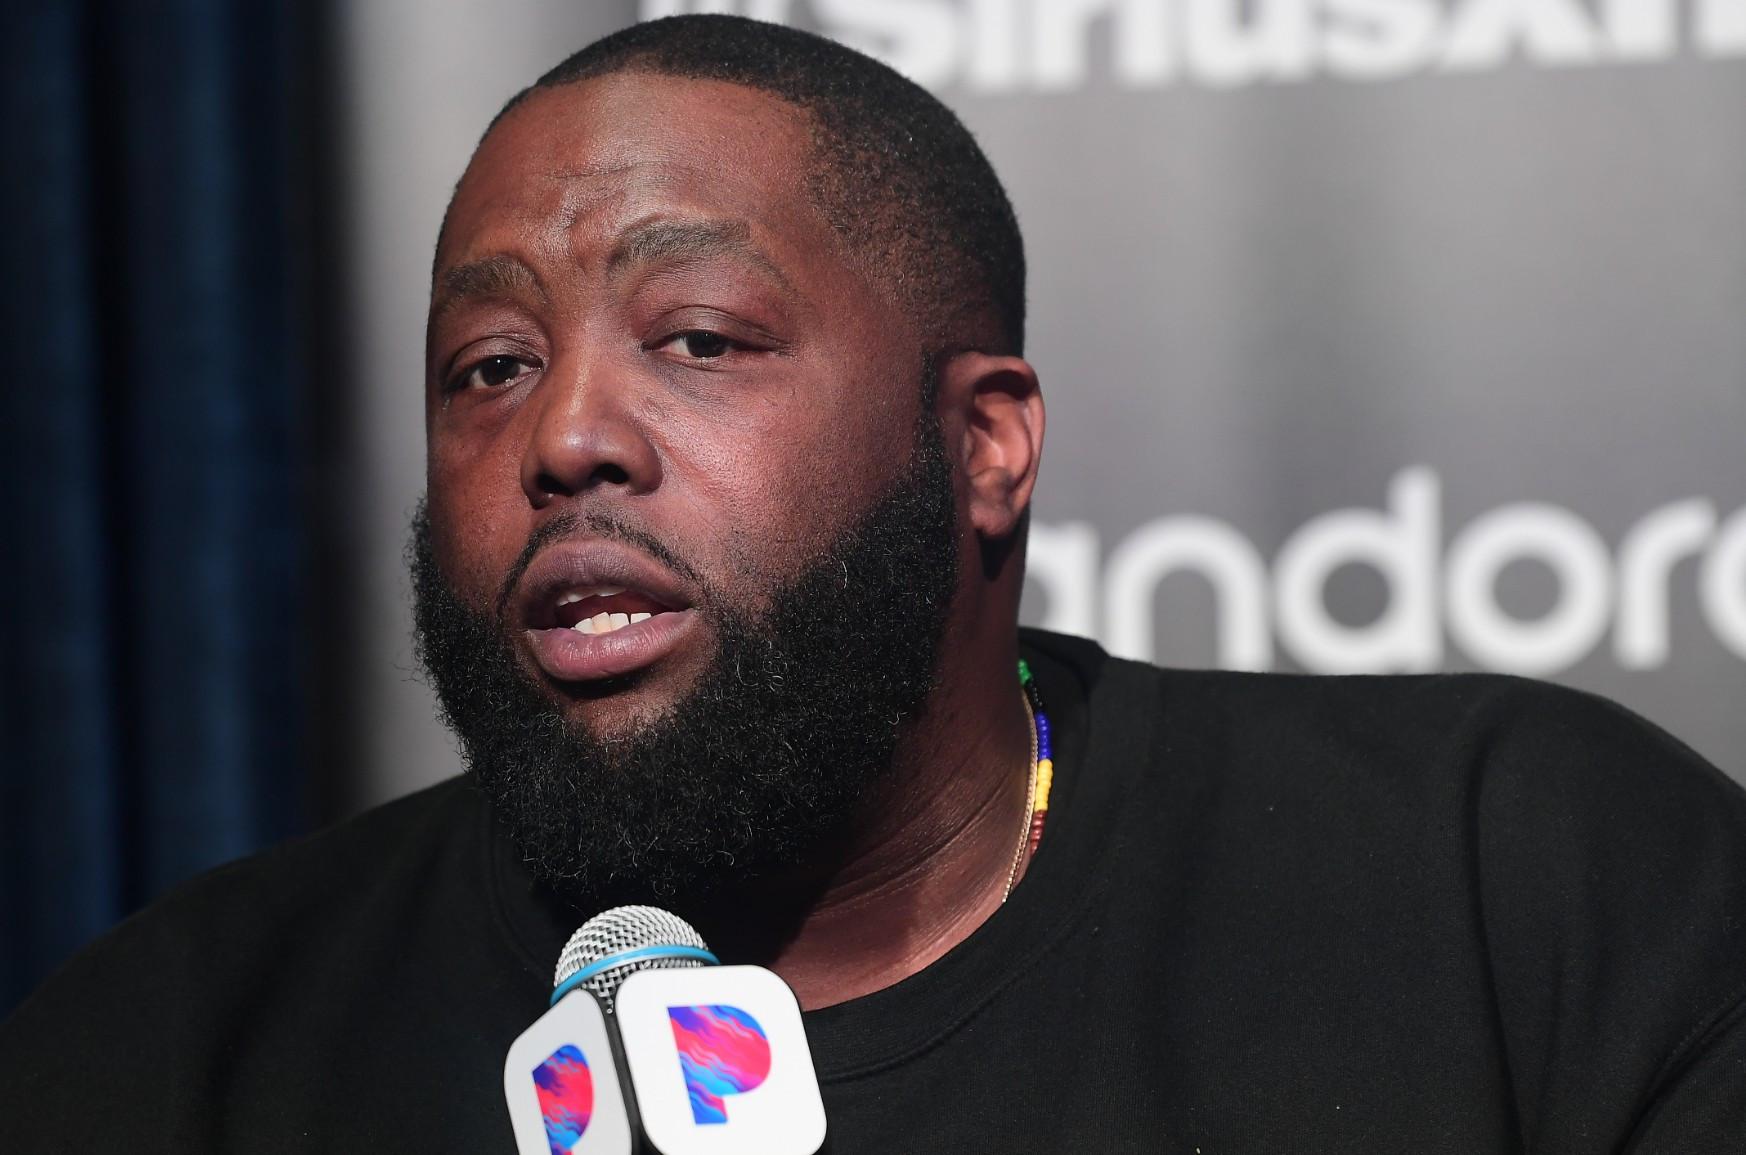 Убийца Майк сказал: «Это больно» после того, как шальные пули попали в его парикмахерскую в Атланте